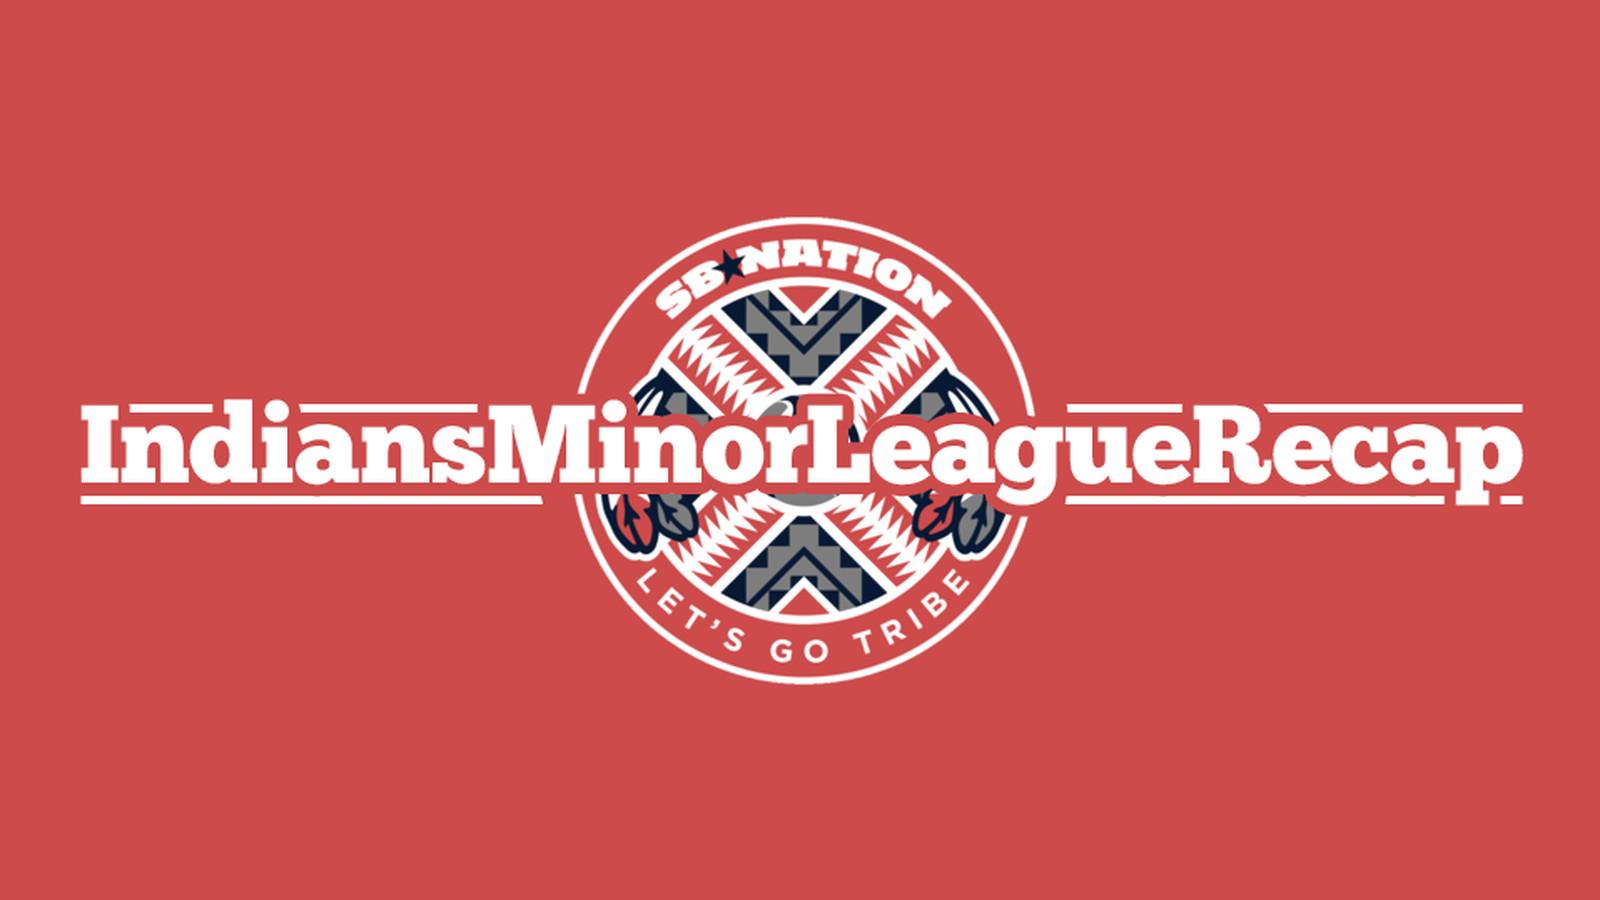 Lgt-minor_leagues.0.0